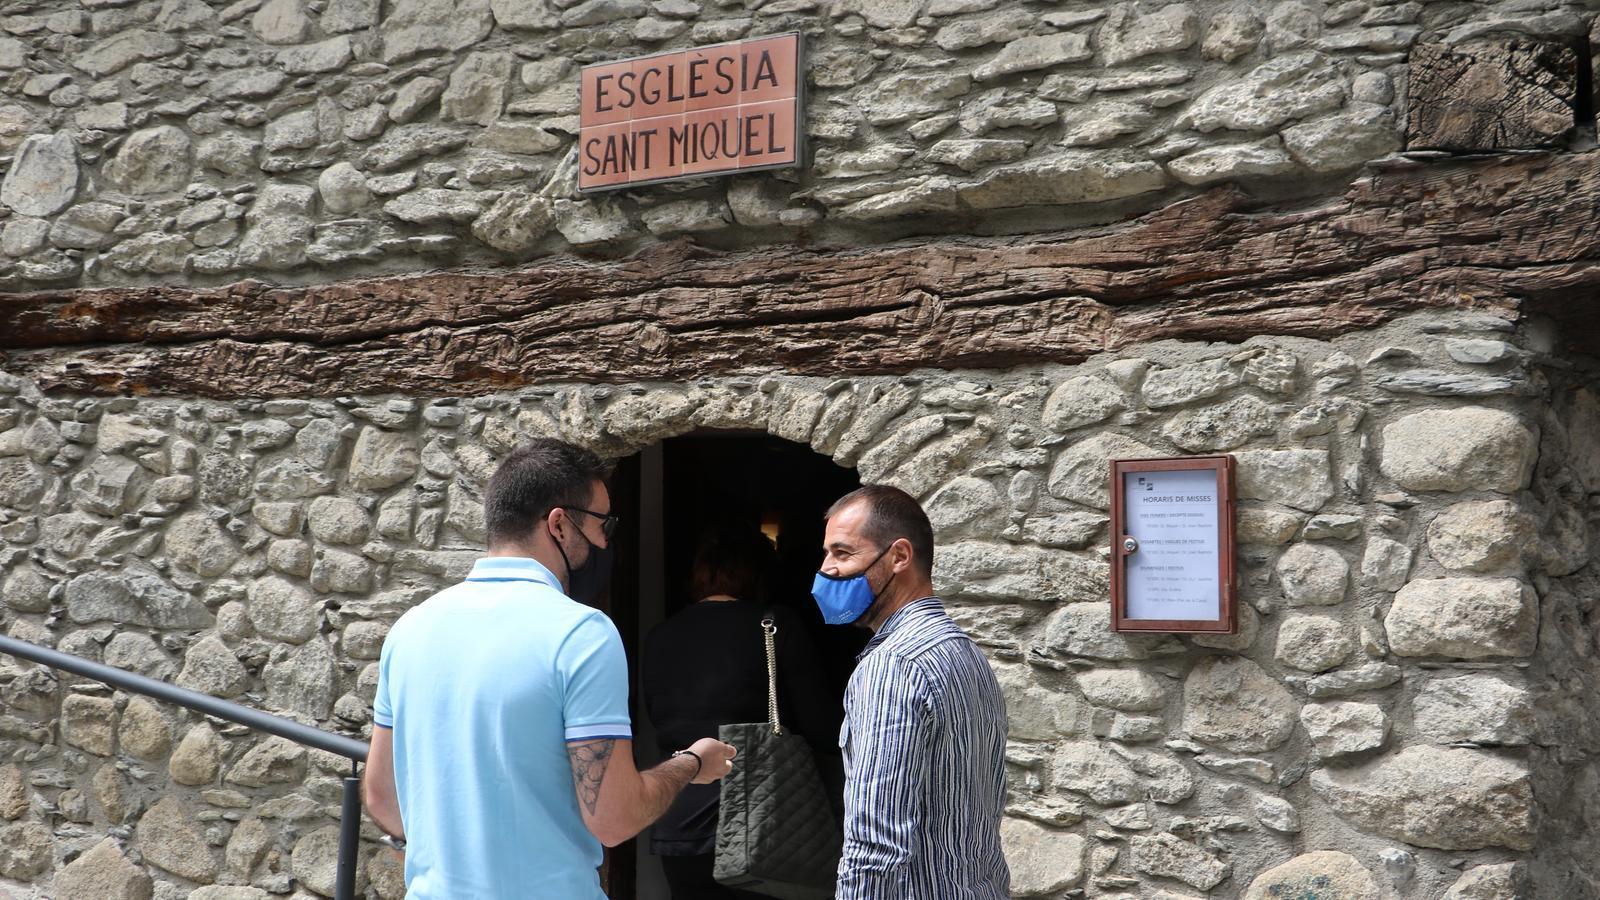 El conseller de reactivació Econòmica i Turisme, Josep Maria Marot i el conseller de Cultura i Afers Socials, David Cruz, entrant al museu Casa Cristo. / E.C. (ANA)